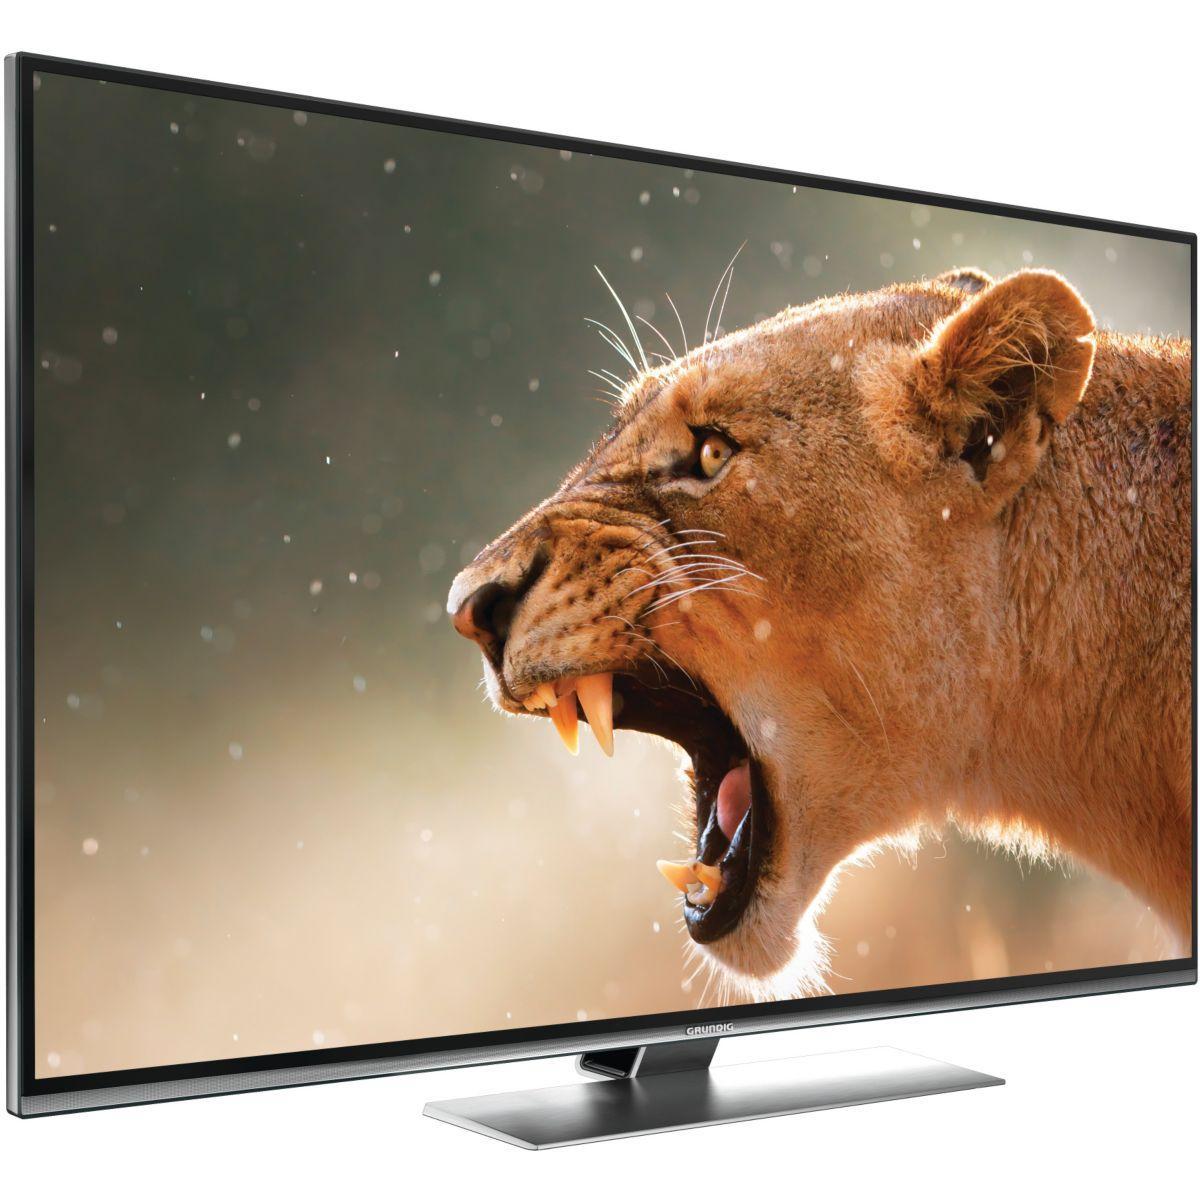 Tv grundig 40vlx8681bp 1500hz ppr smart (photo)